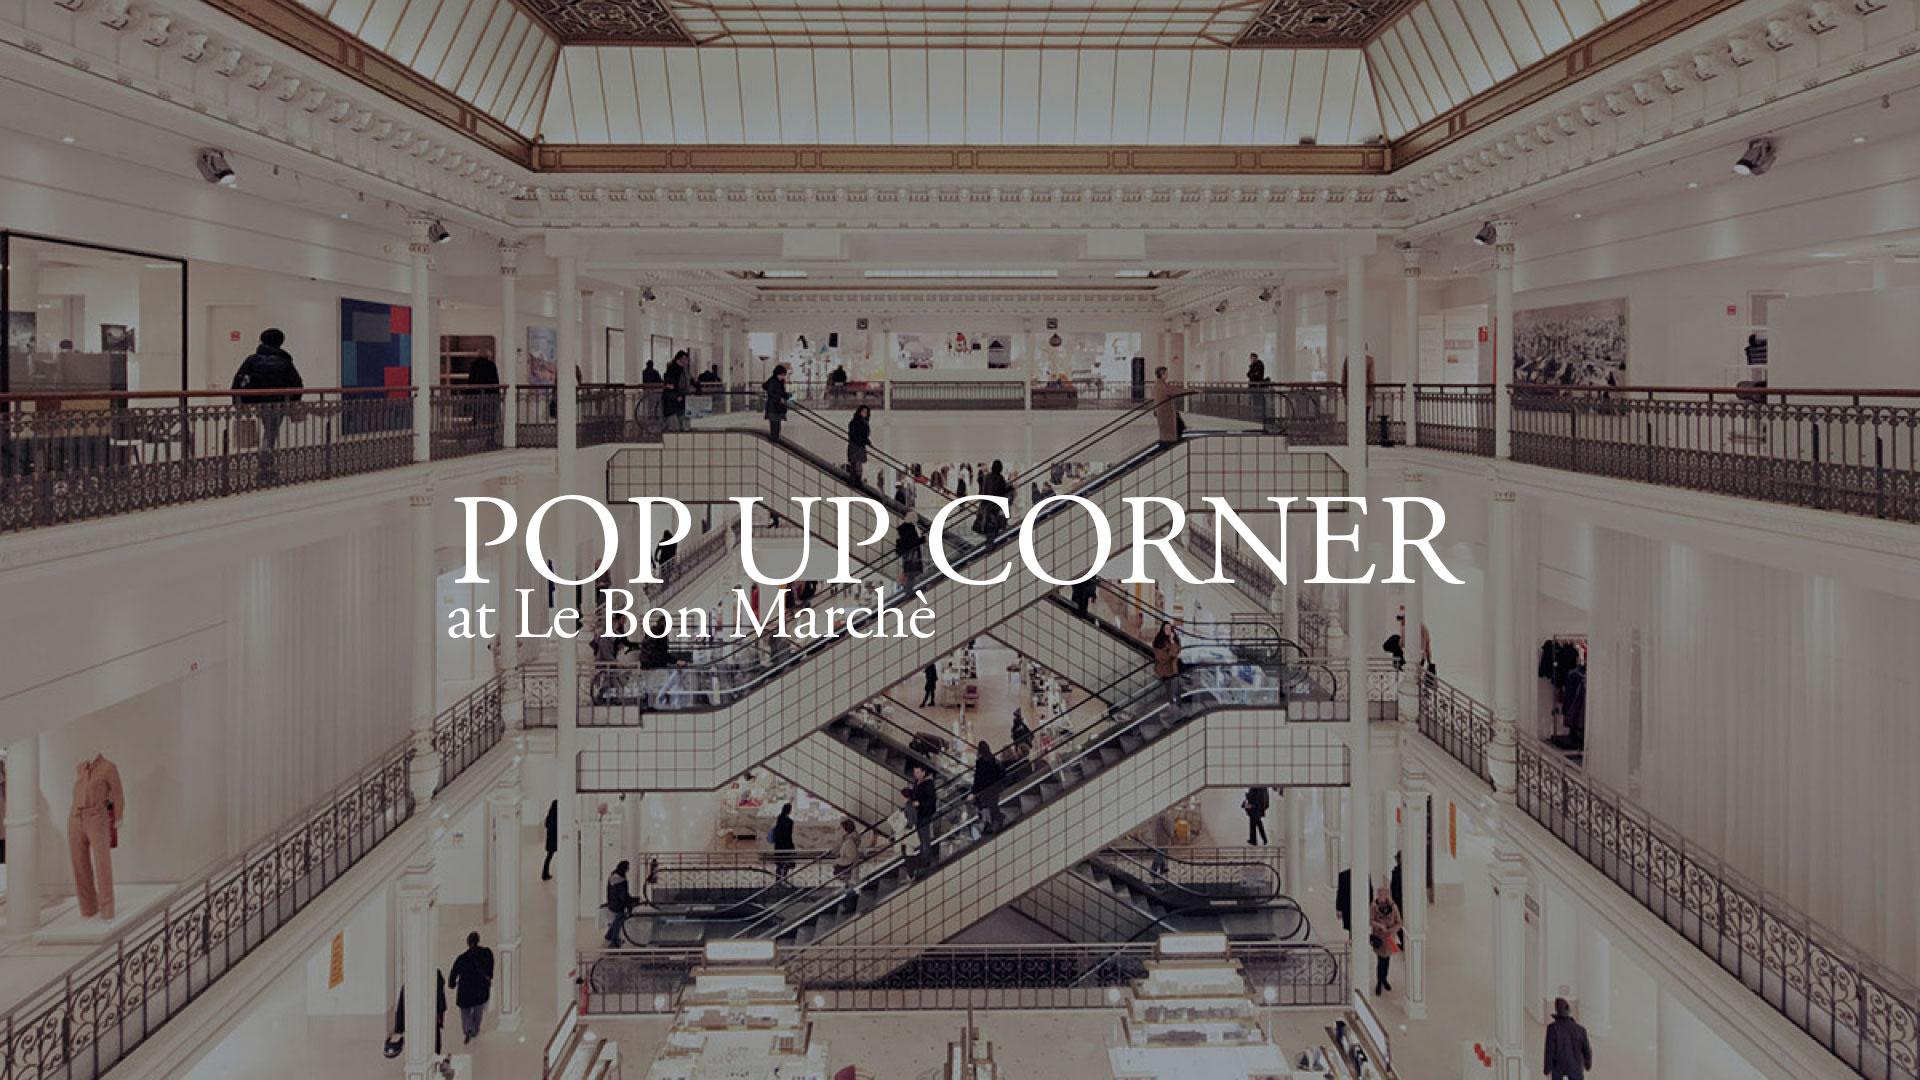 Paradisoterrestre pop-up corner at Le Bon Marché